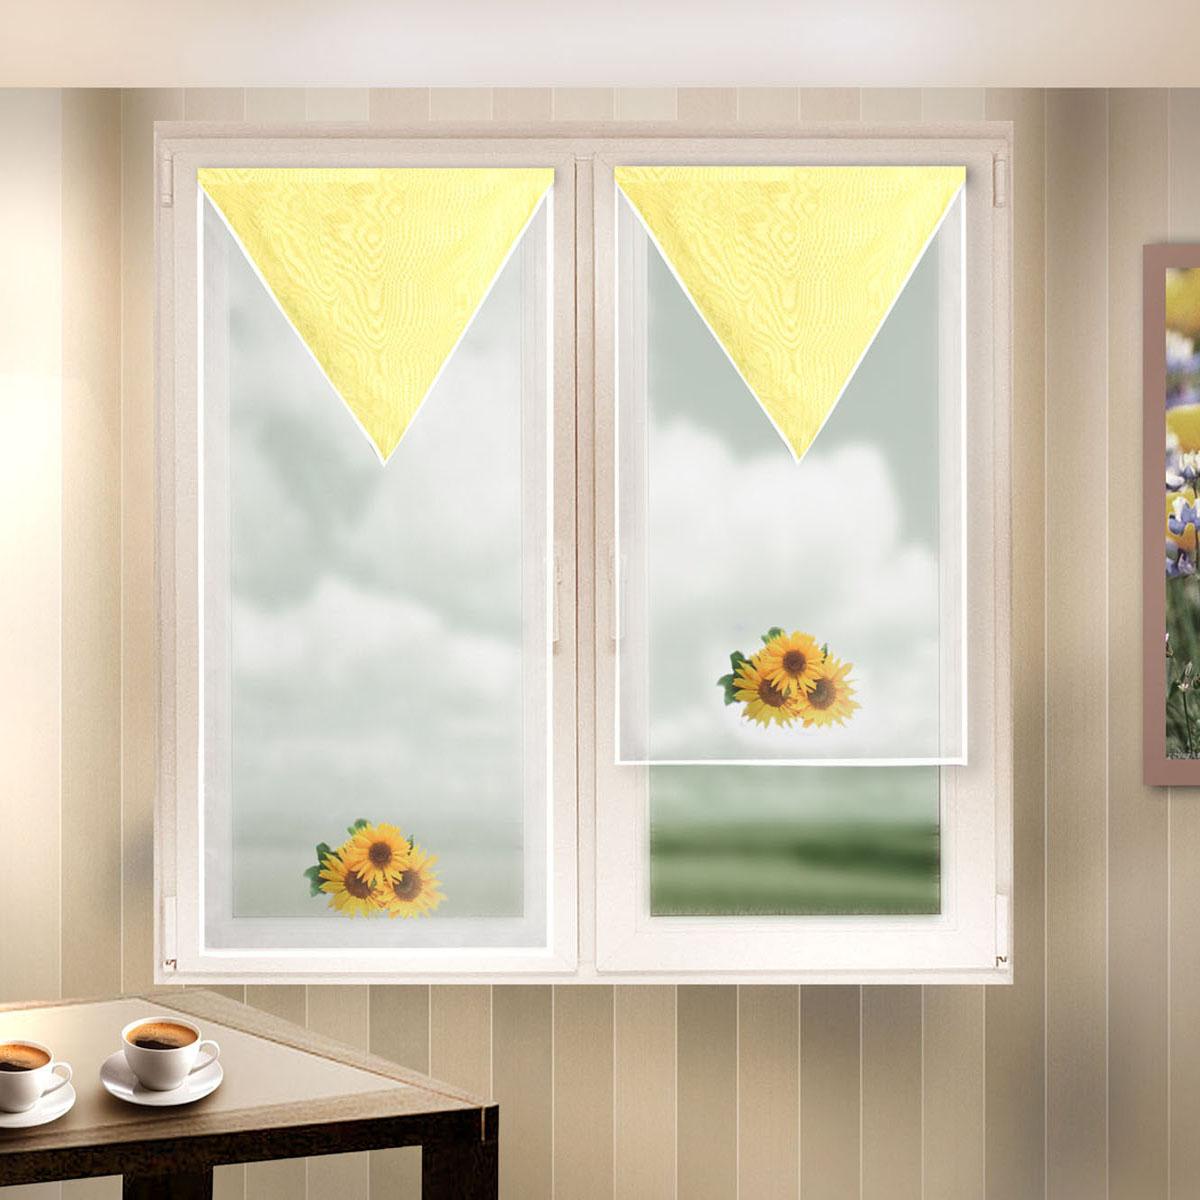 Гардина Zlata Korunka, на липкой ленте, цвет: белый, высота 120 см. 666044-12302С/60Гардина на липкой ленте Zlata Korunka, изготовленная из полиэстера, станет великолепным украшением любого окна. Полотно из белой вуали с печатным рисунком привлечет к себе внимание и органично впишется в интерьер комнаты. Крепление на липкой ленте, не требующее сверления стен и карниза. Многоразовое и мгновенное крепление.